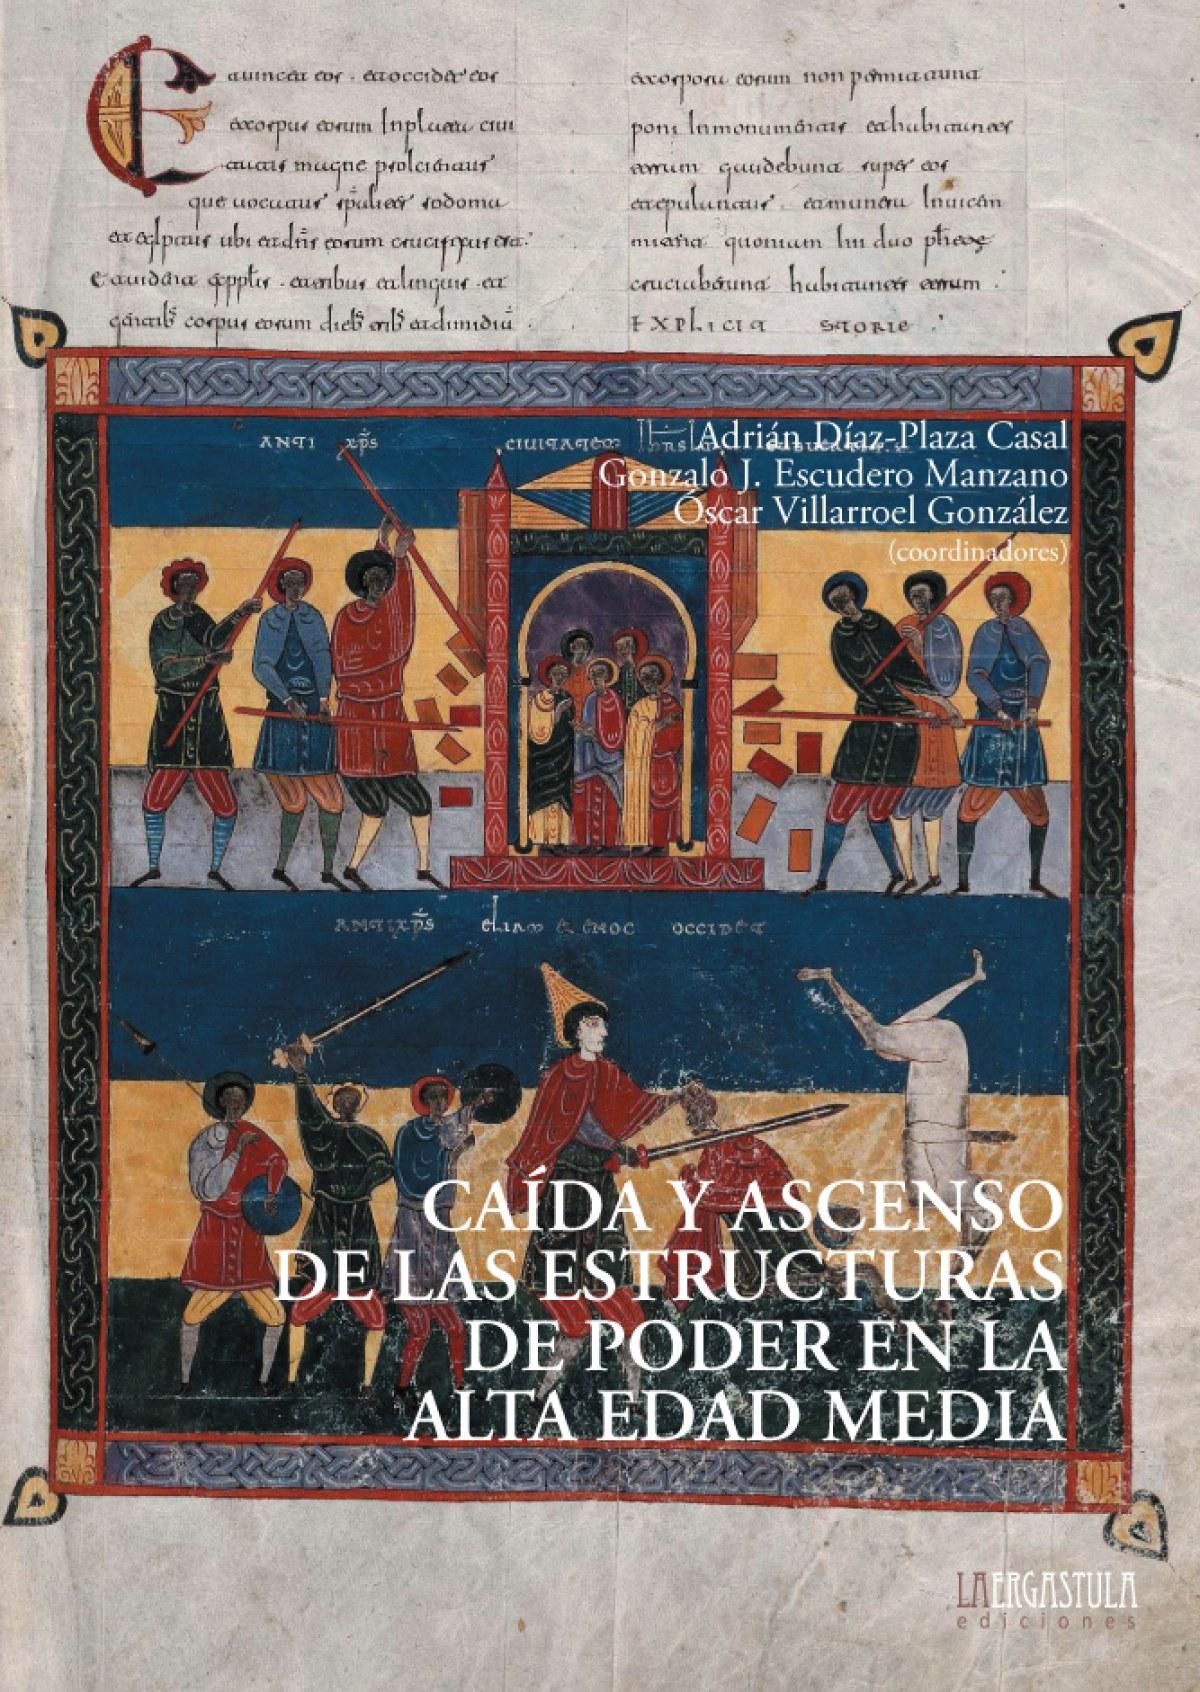 Caída y ascenso de las estructuras de poder en la Alta Edad Media